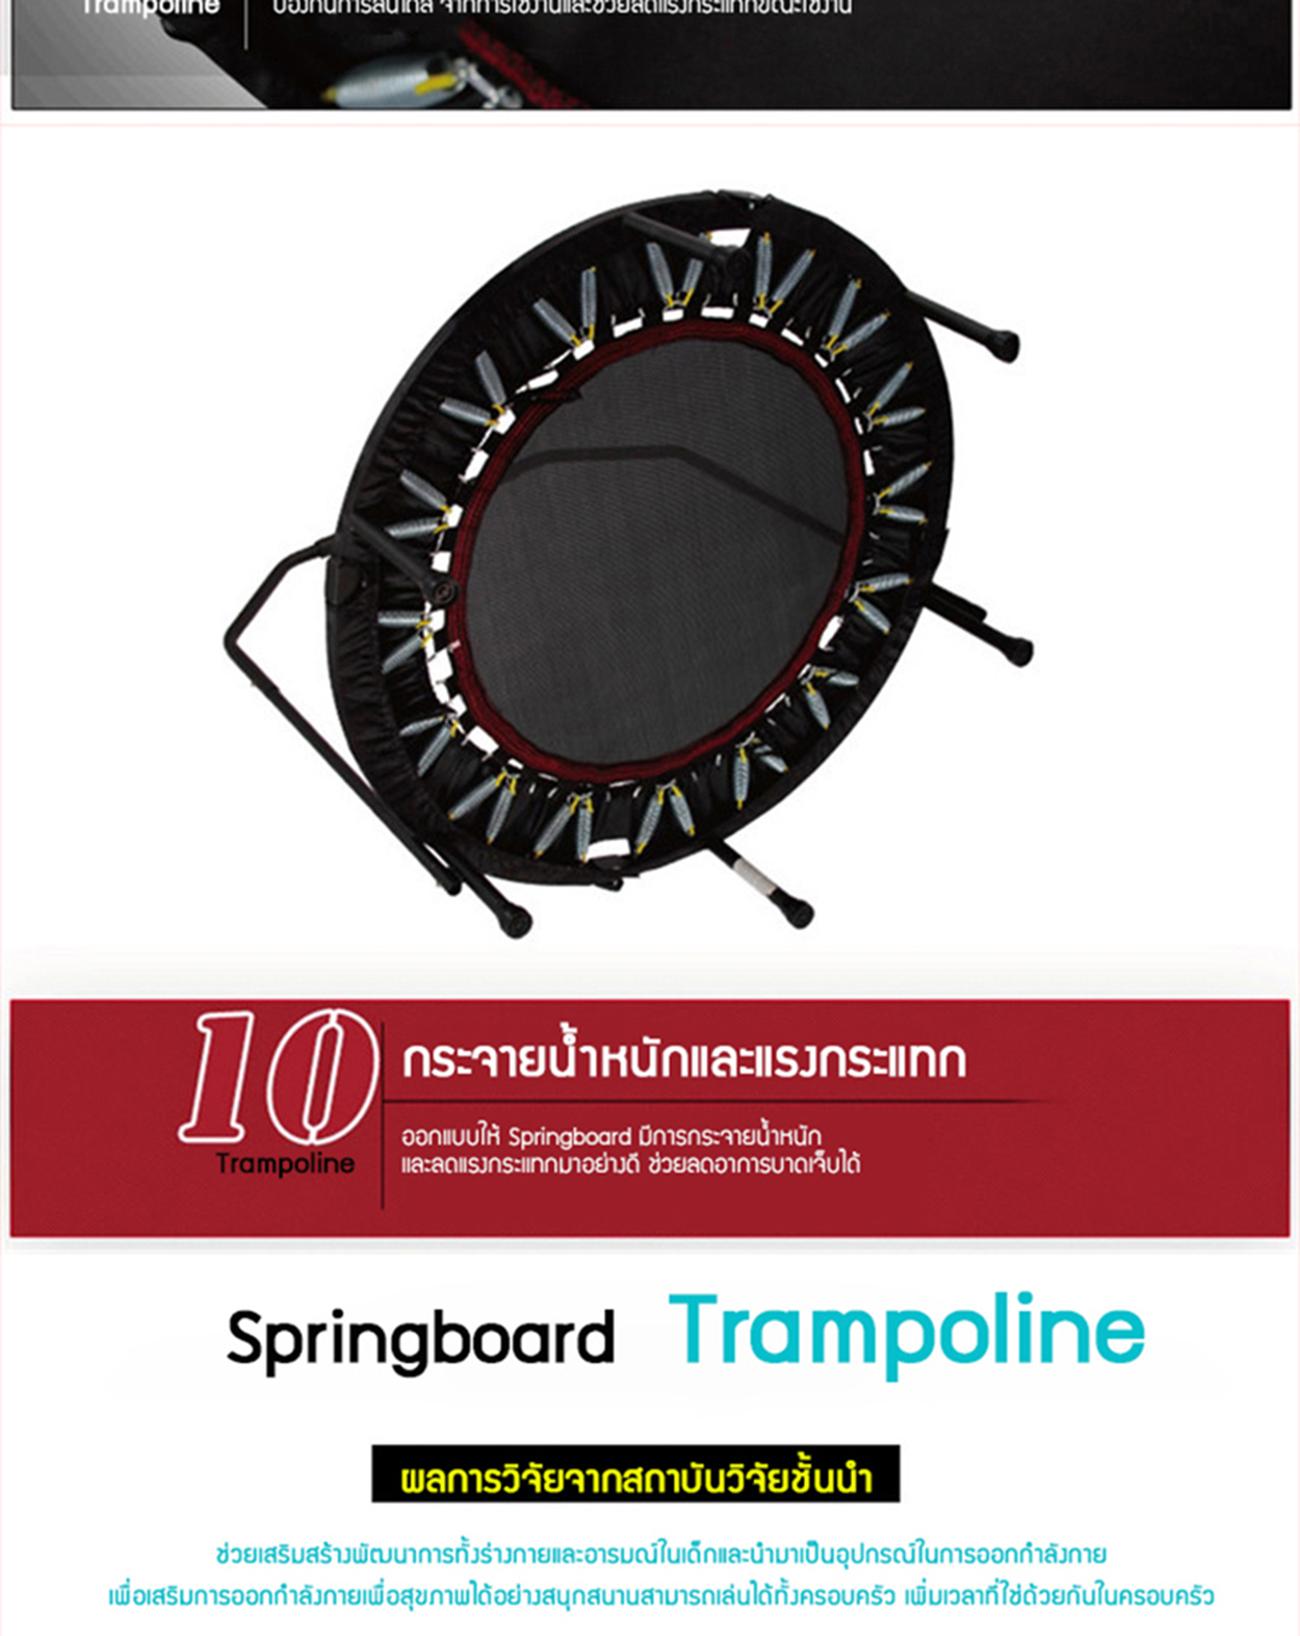 สปริงบอร์ด แทรมโพลีน (Trampoline Sport)